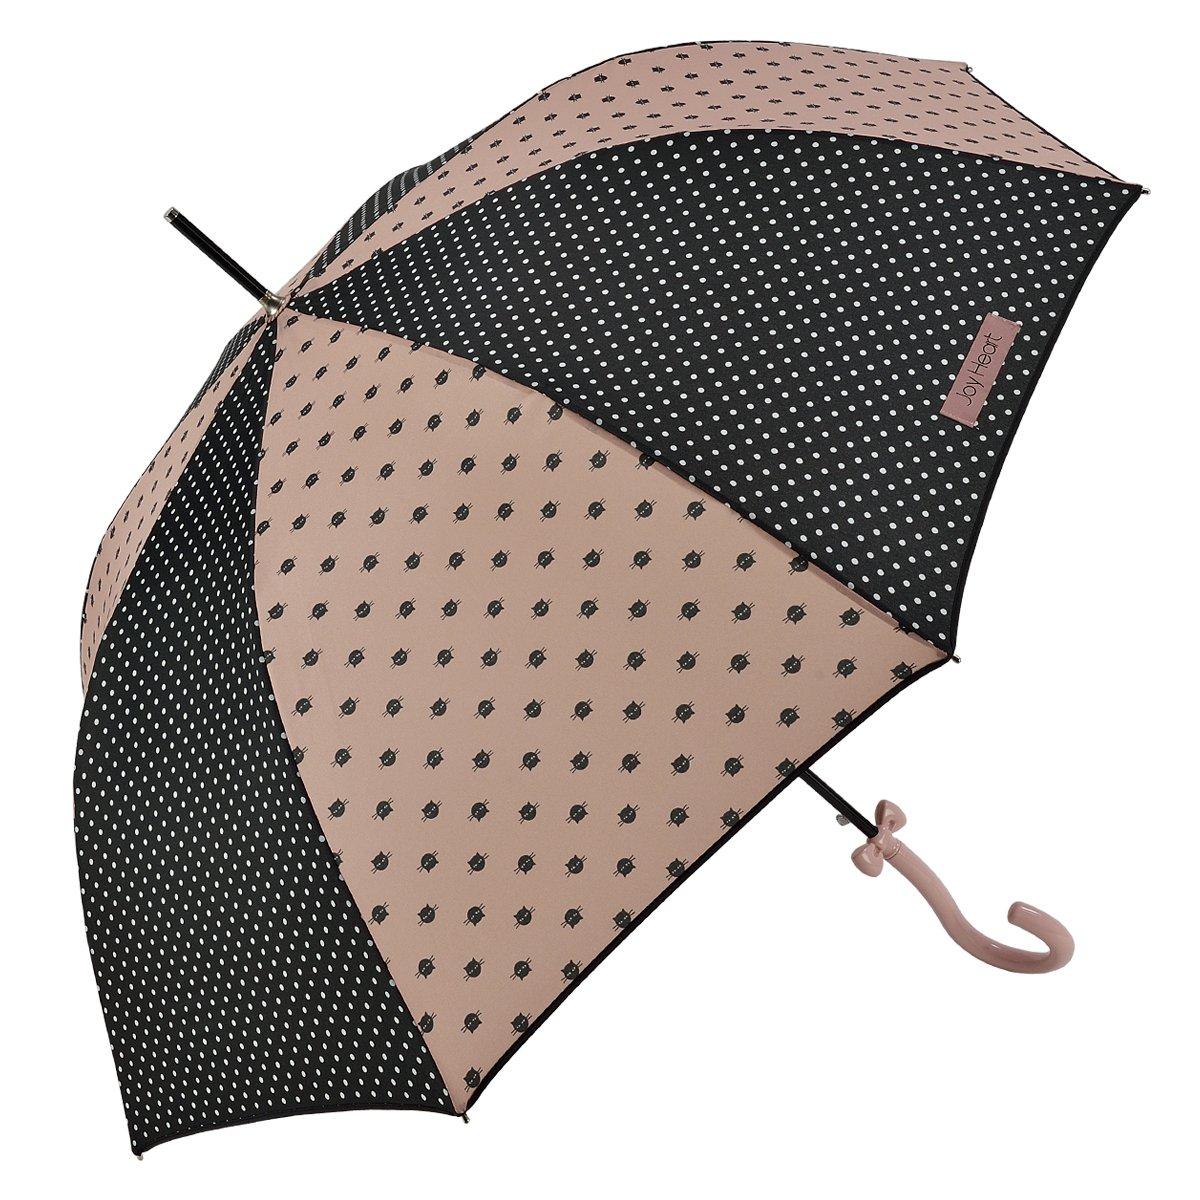 Le Monde du Parapluie Joy Heart - Résistant au Vent - Parapluie Canne Long Femme Automatique, 89 cm, Noir à Pois blan JOYHEART94176POISNOIRGRIS